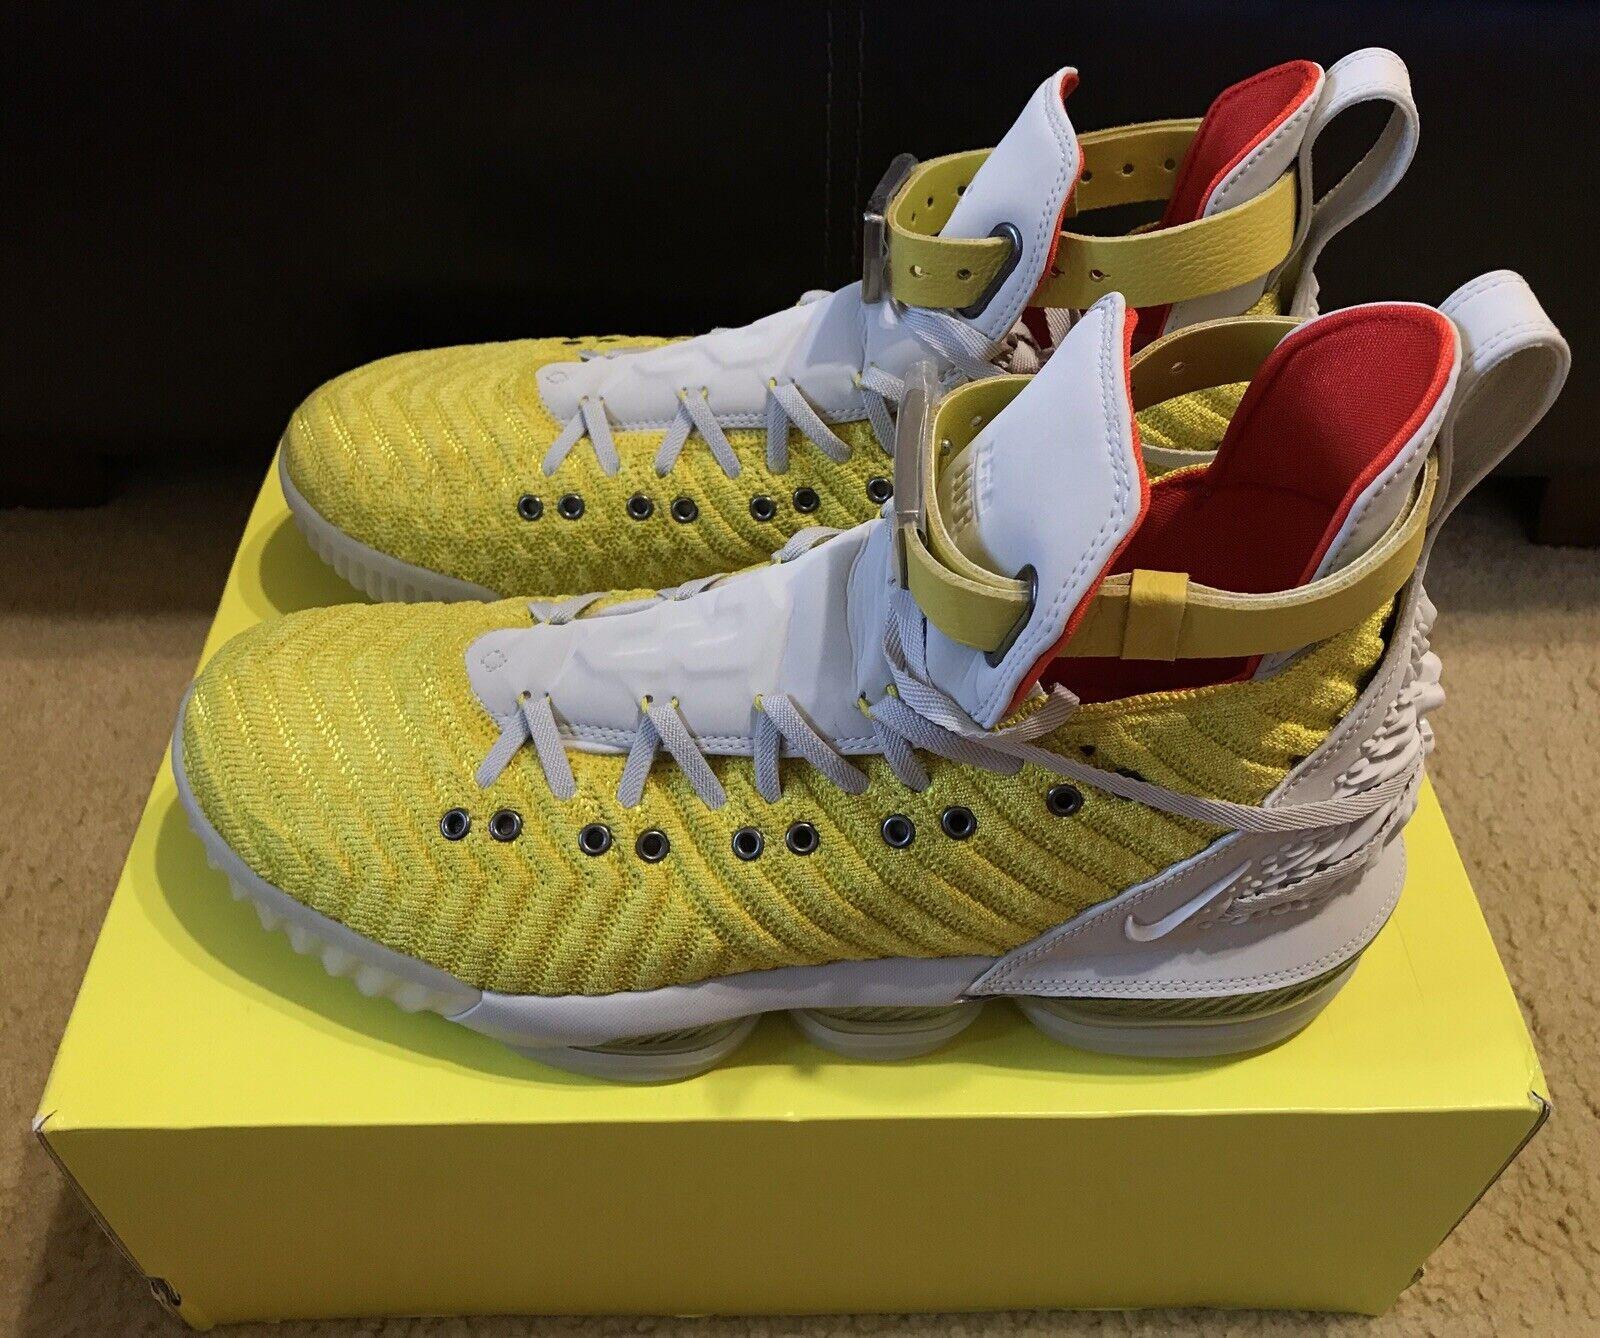 Nike Lebron XVI 16 Harlem fashion rangée HFR Bright Citron CI1145-700 Taille 12.5